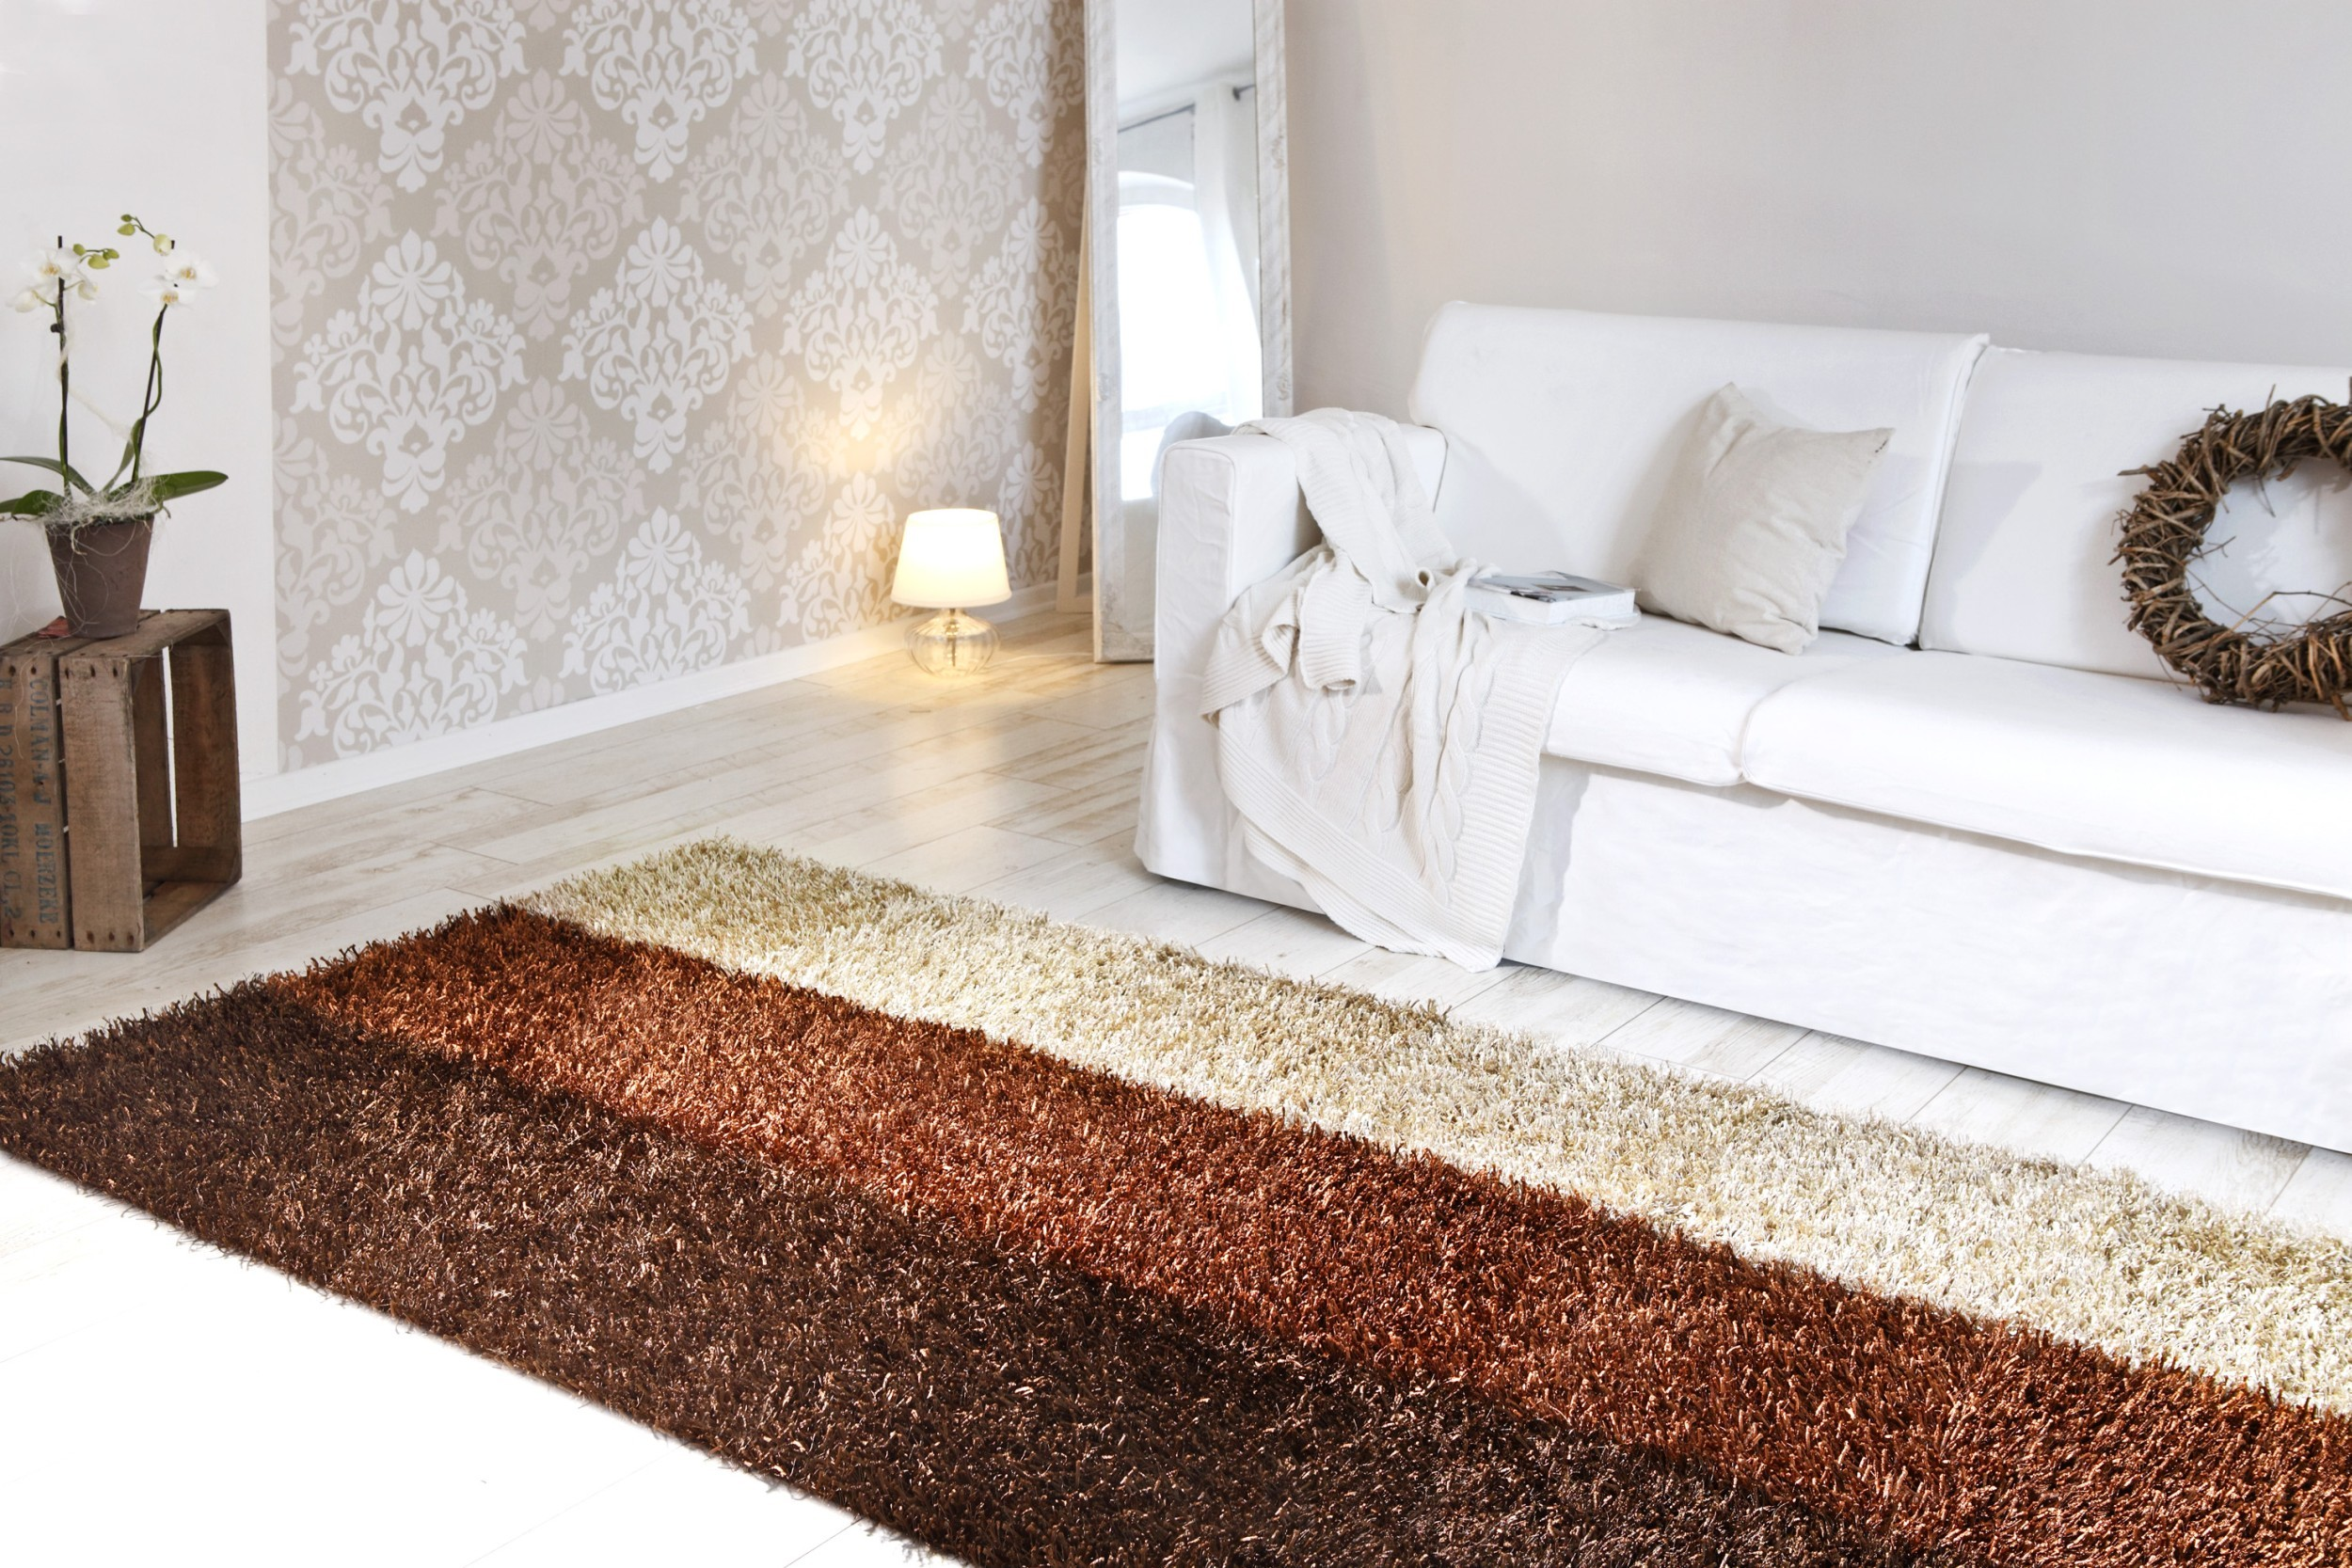 Teppich Al Mano Beispiel: längliches Streifenmuster in Erdtönen (dunkel braun, braun, sand)